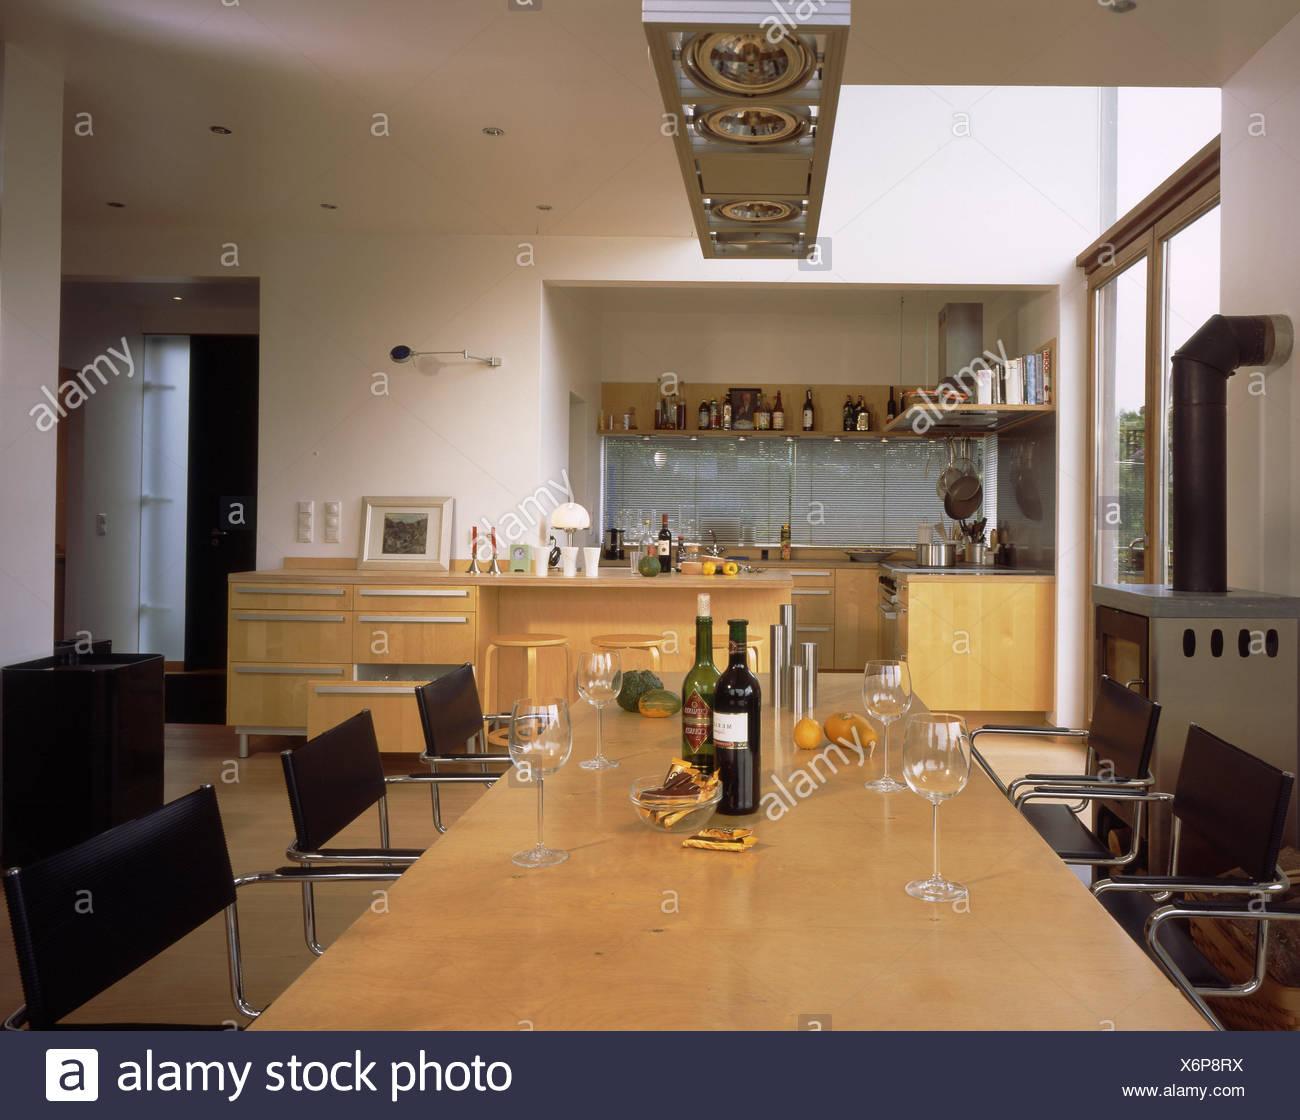 Maison D Habitation Cuisine Salle A Manger Cuisine Cuisine